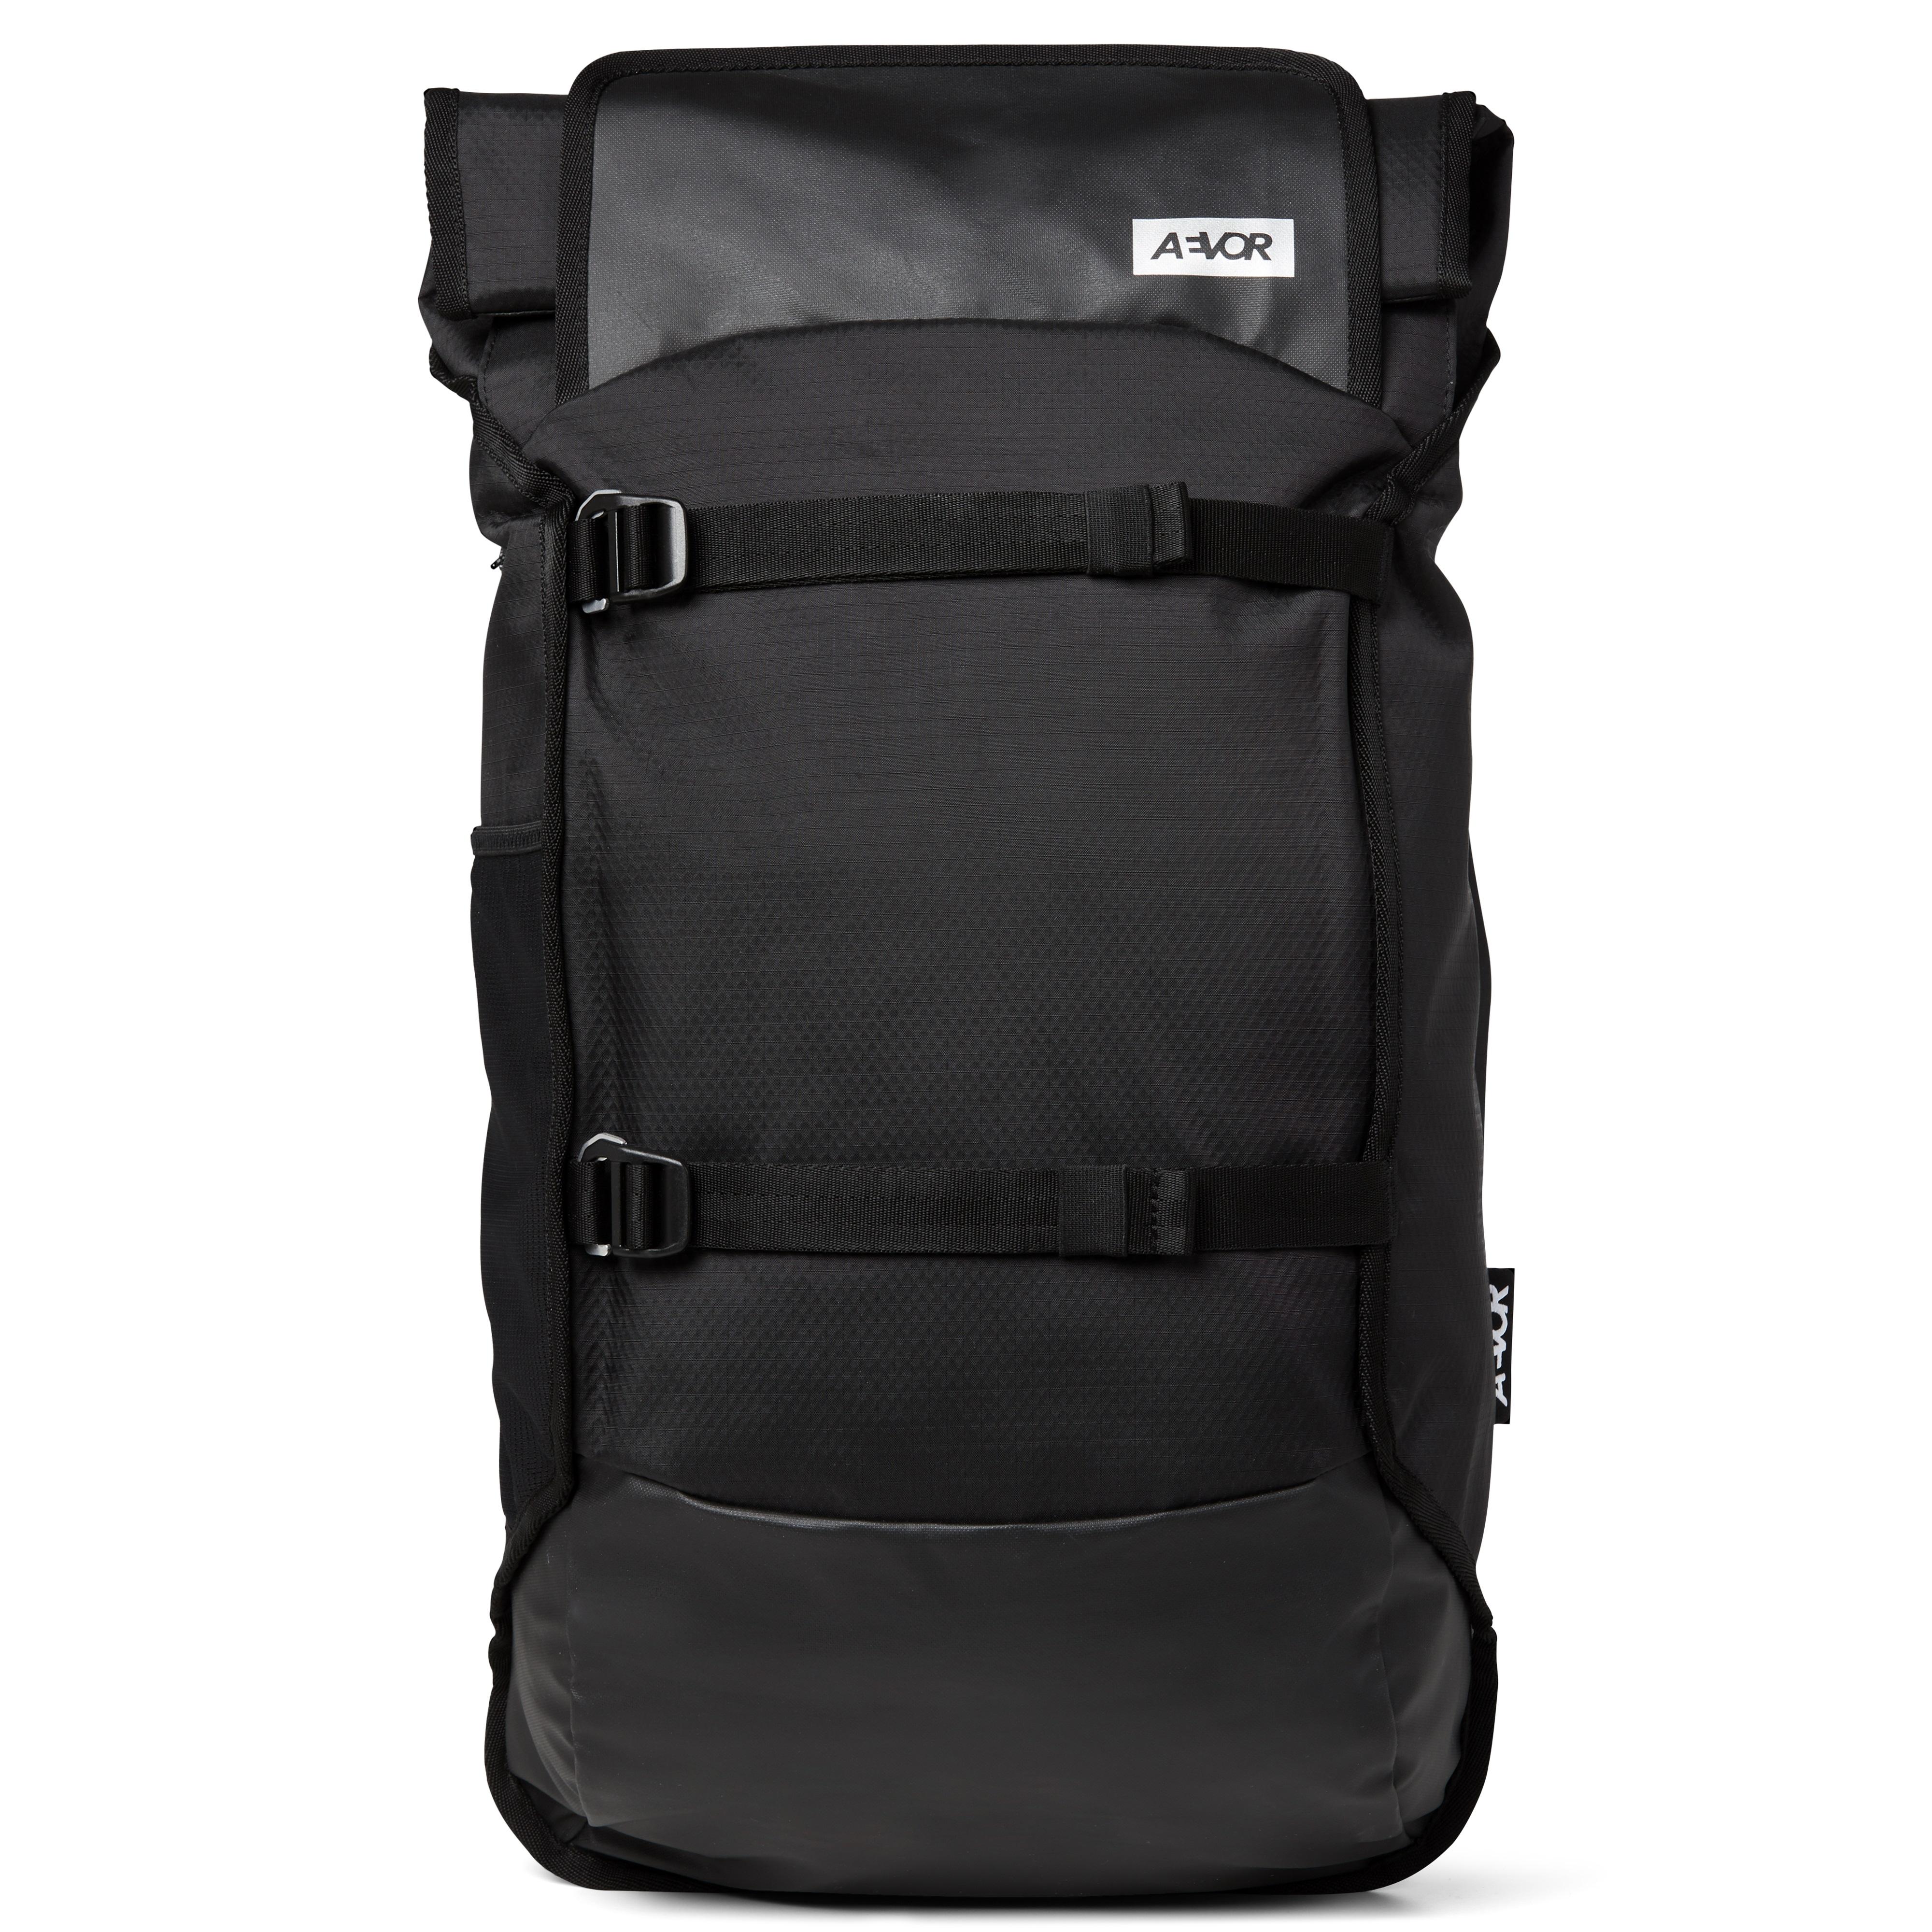 Aevor - TRIP PACK - Proof Black